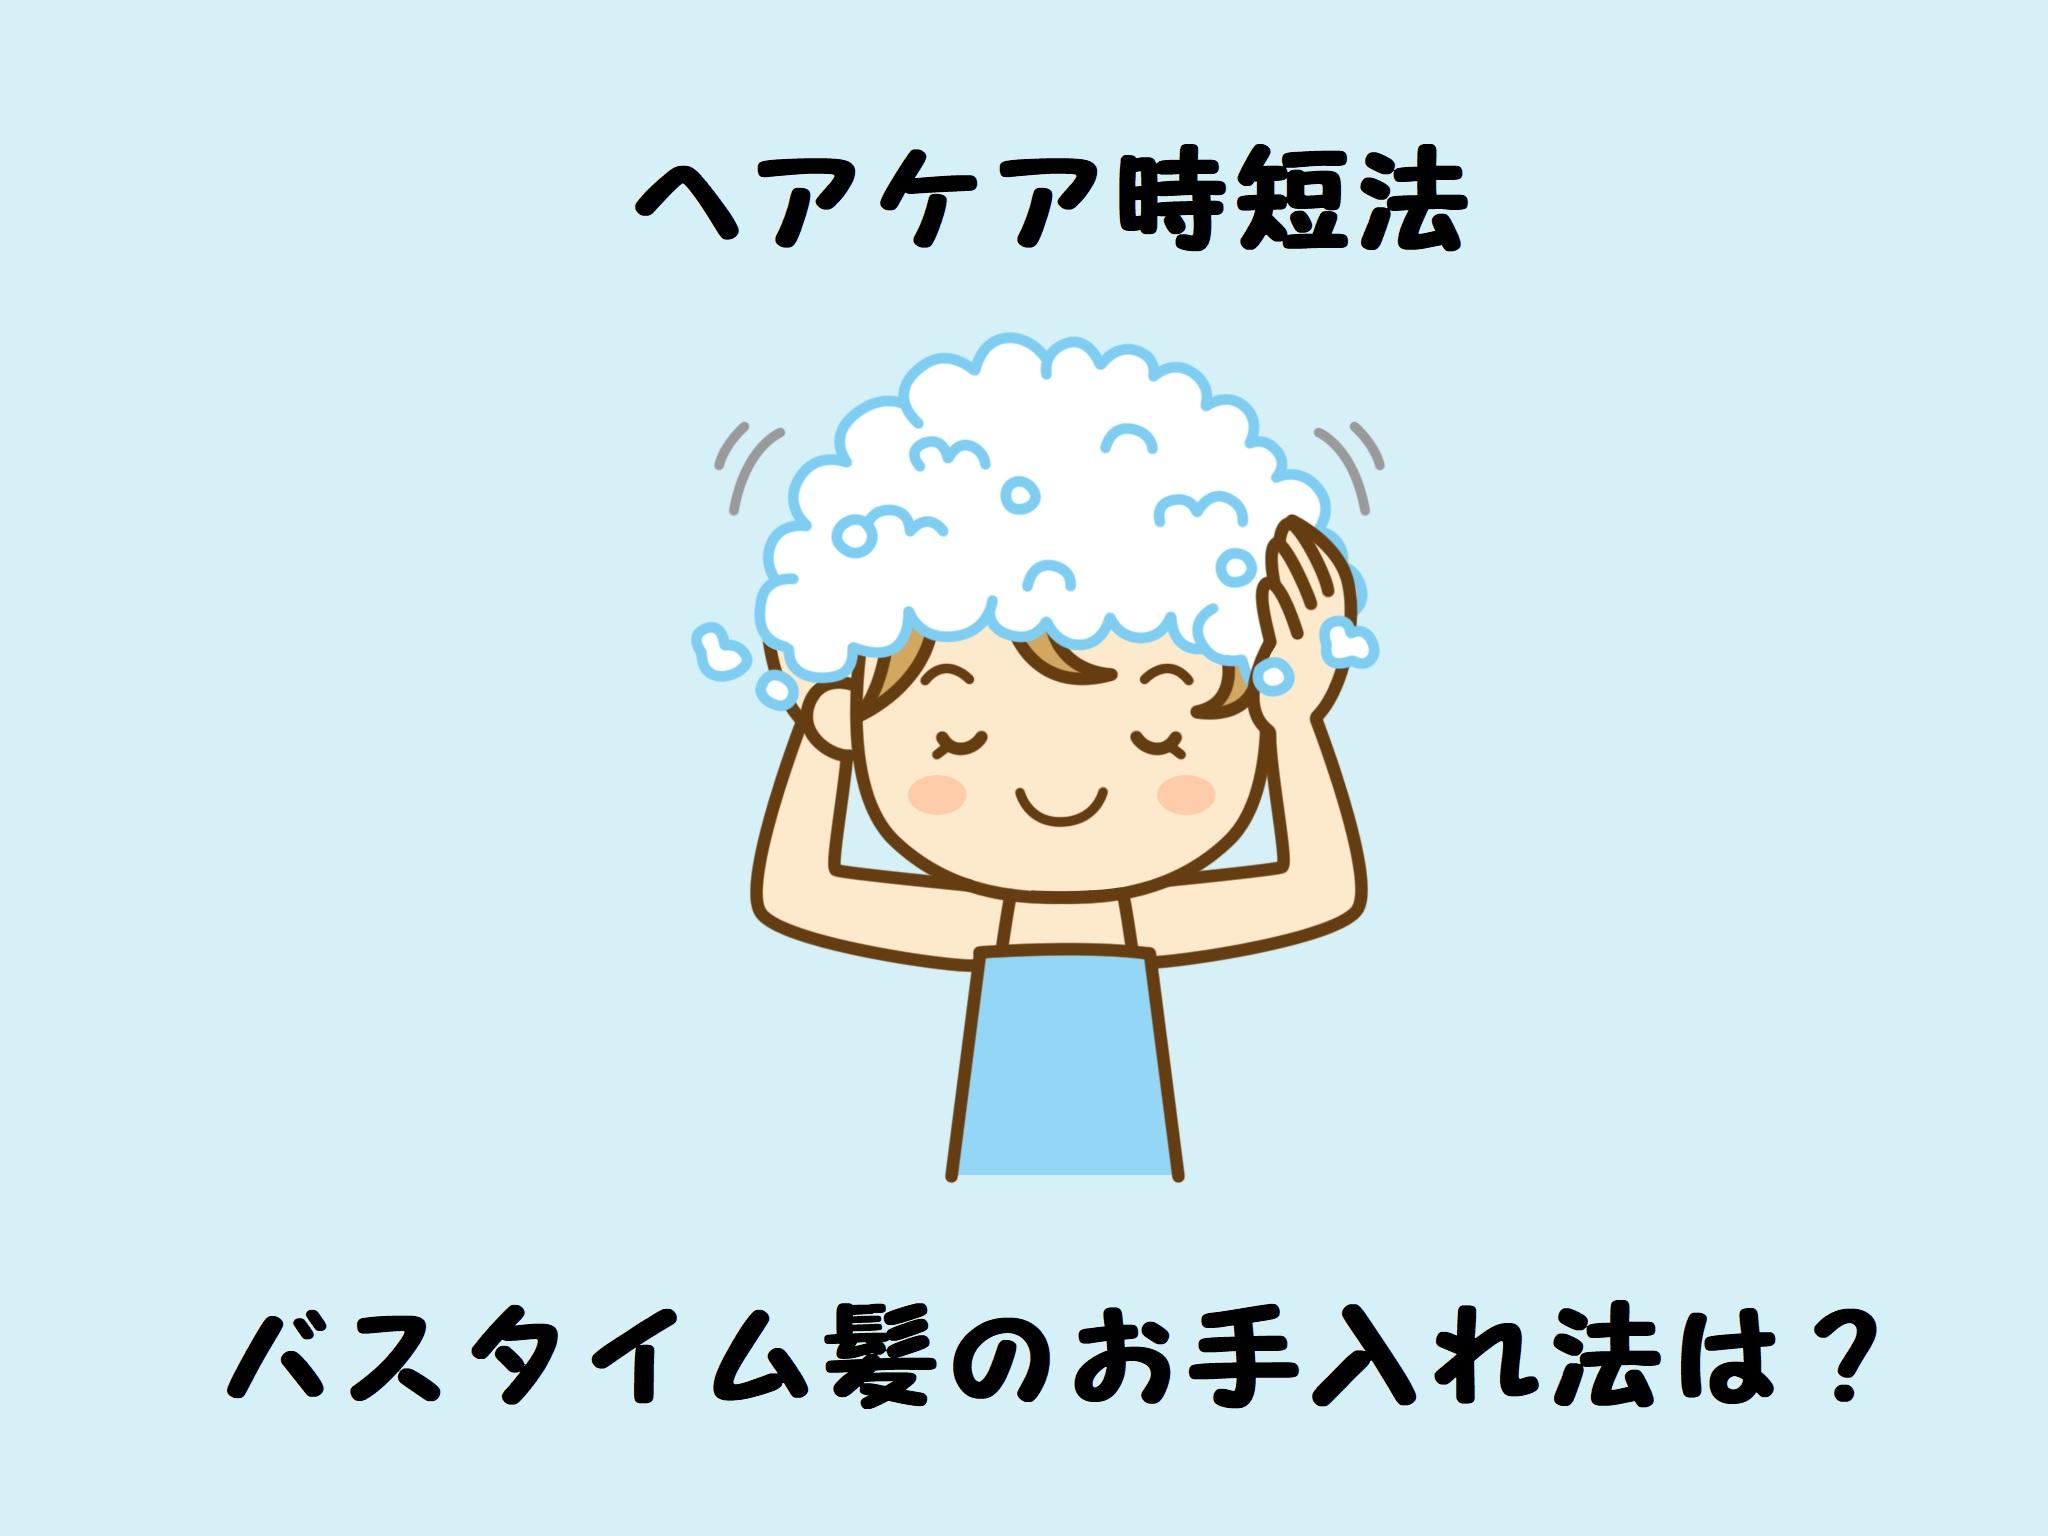 【ヘアケア時短法】お風呂で髪のお手入れ!子どもがいてもできる方法を徹底調査!